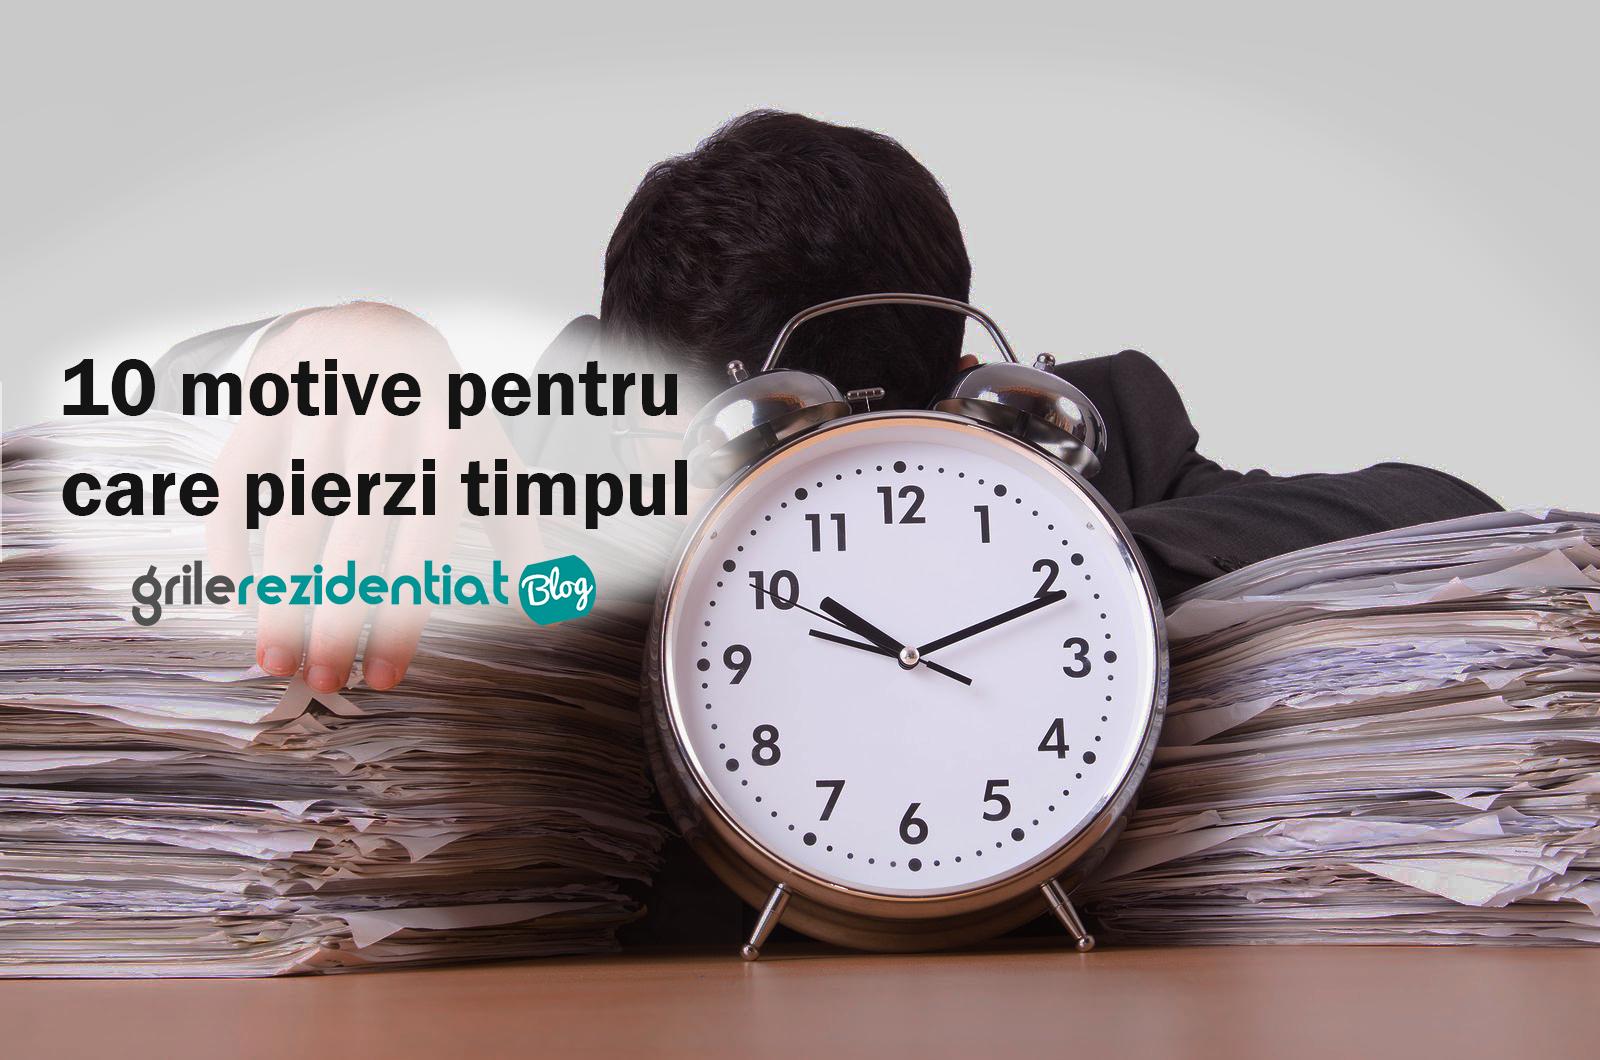 10 motive pentru care pierzi timpul